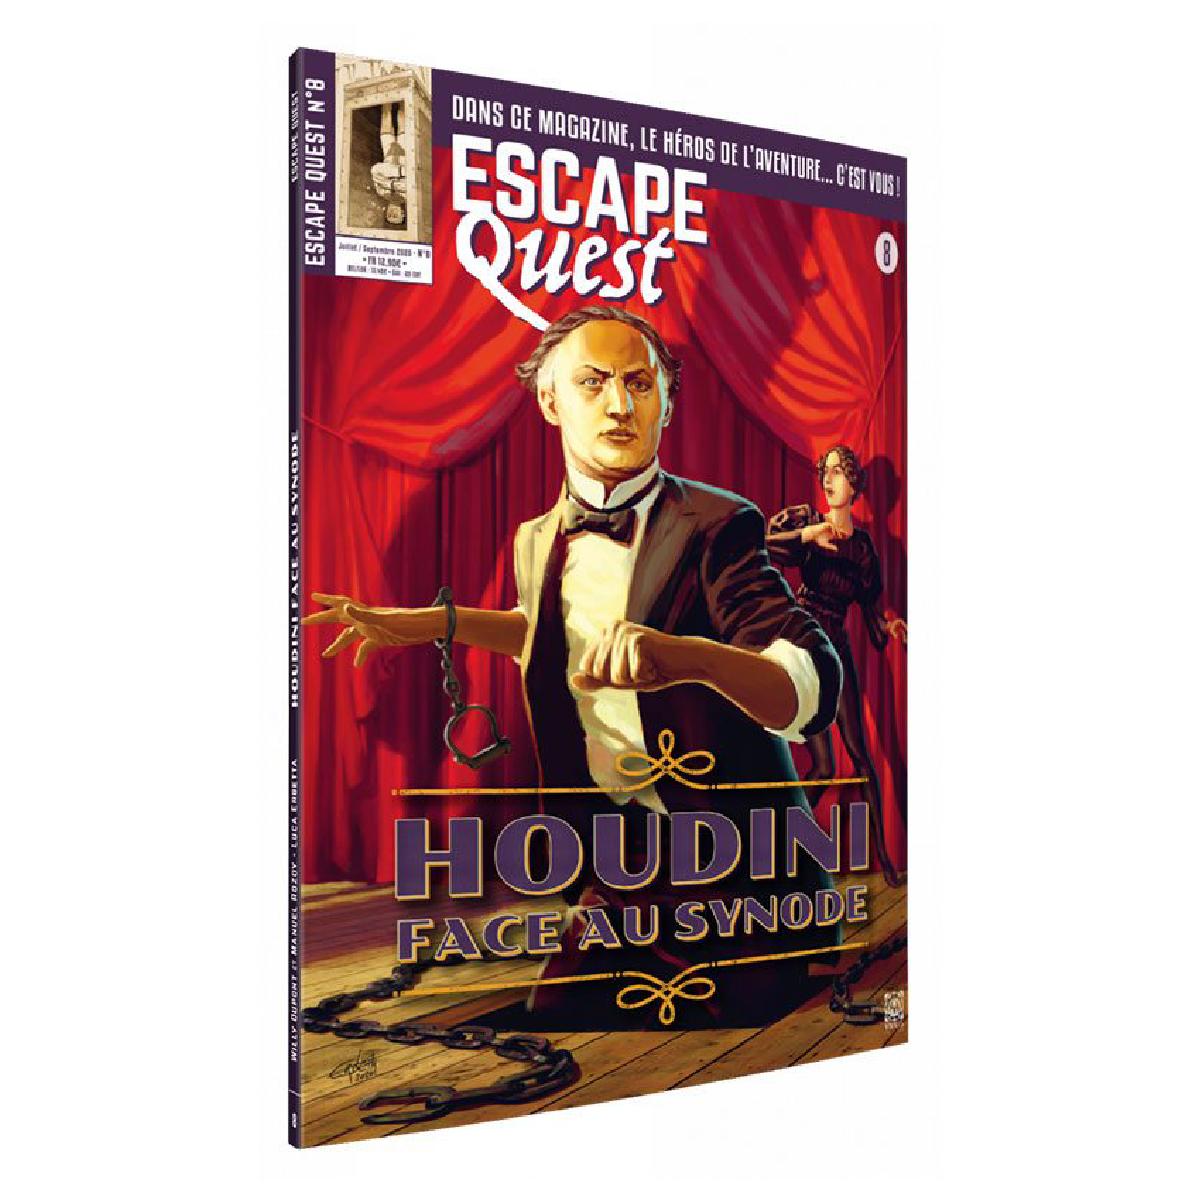 Livre Escape Quest - Houdini face au synode   17,99$